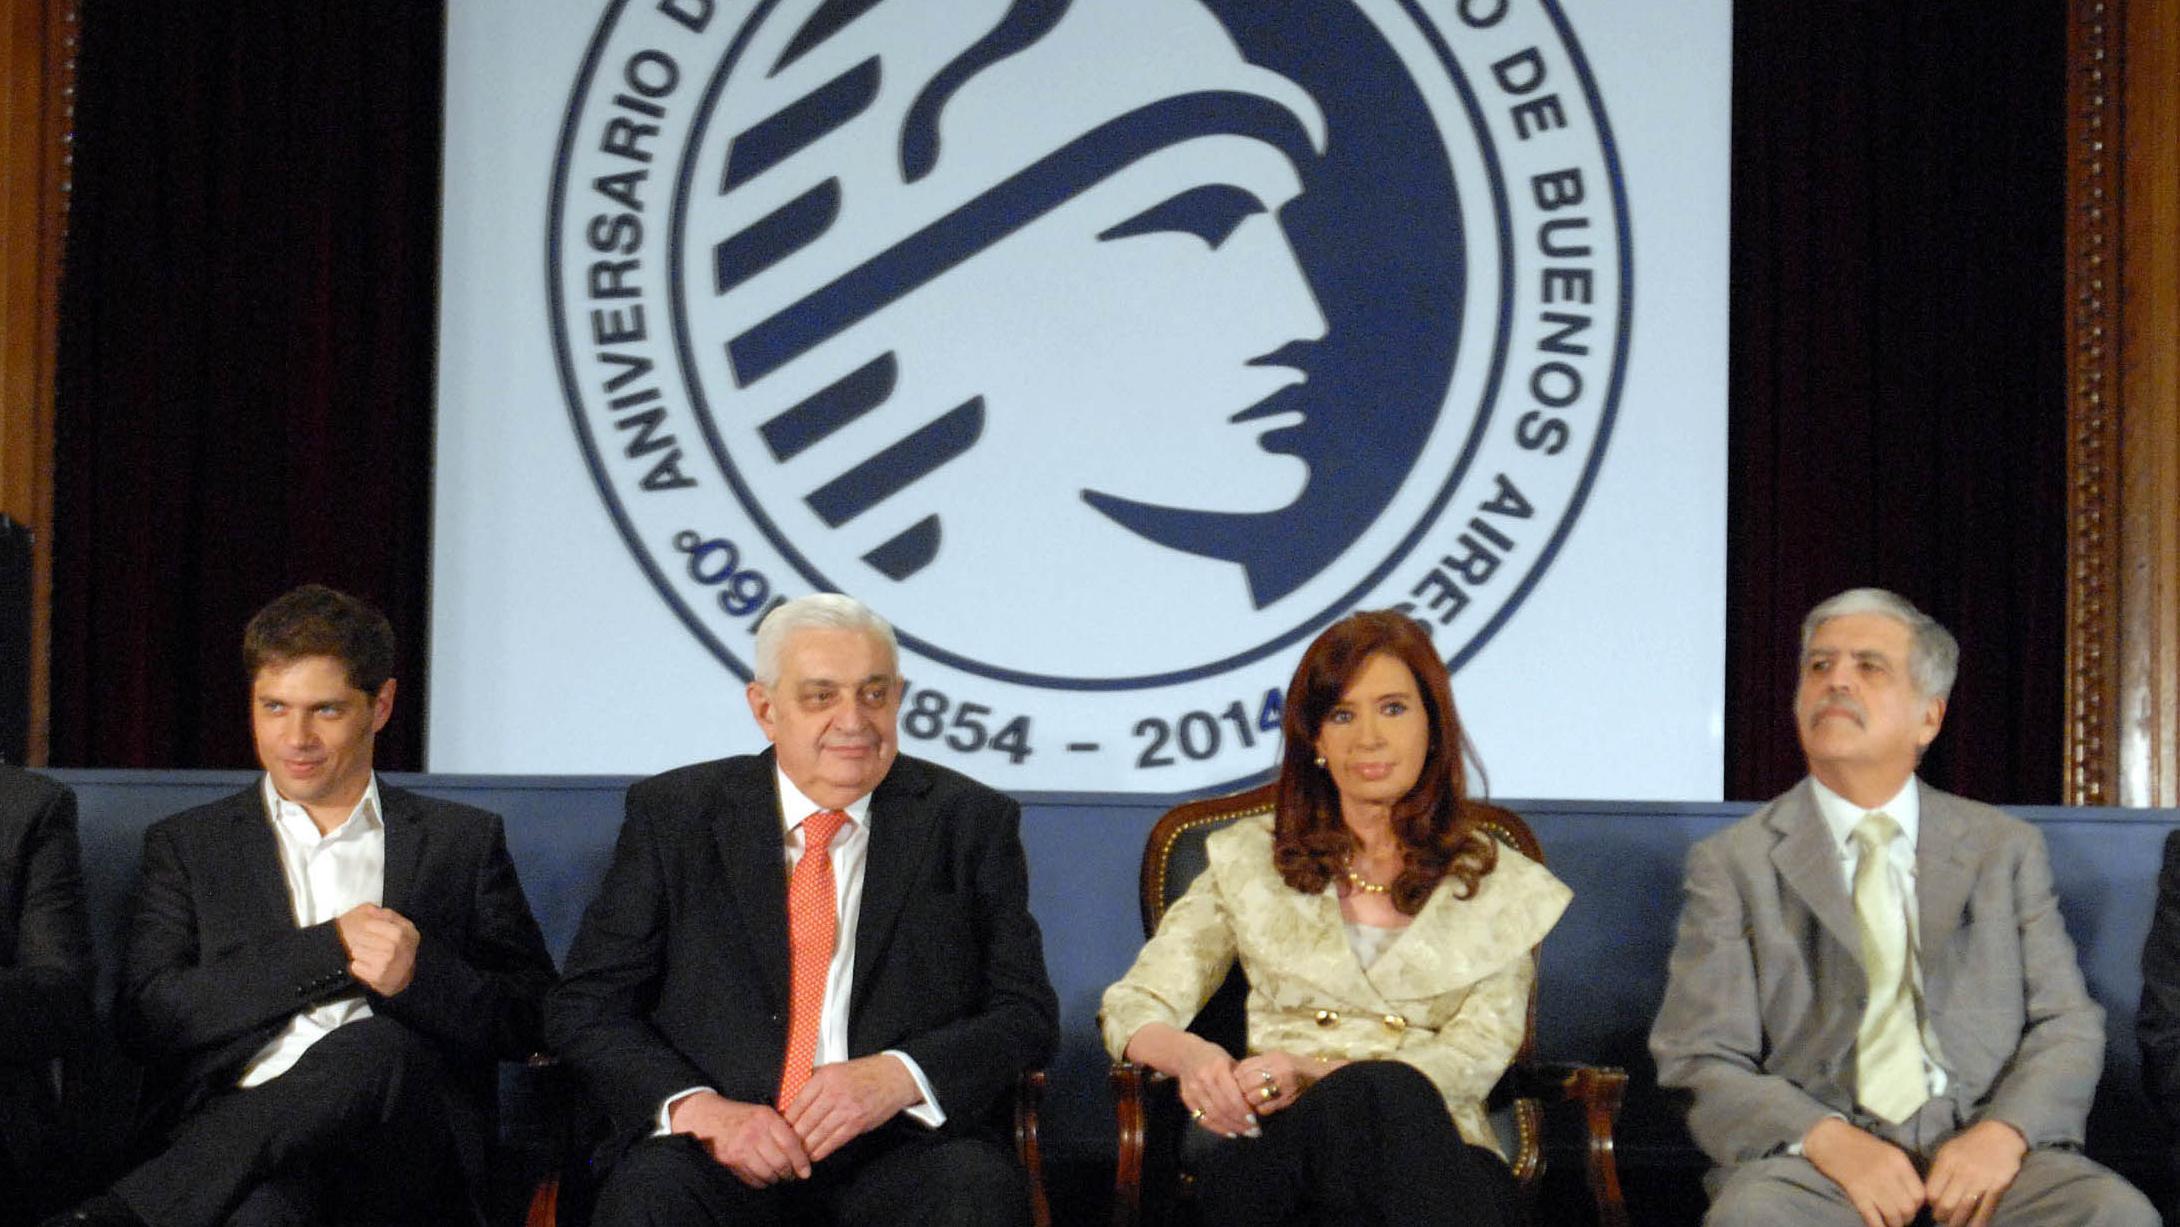 Kicillof, Gabbi, Cristina Fernández y De Vido en el acto de 2014